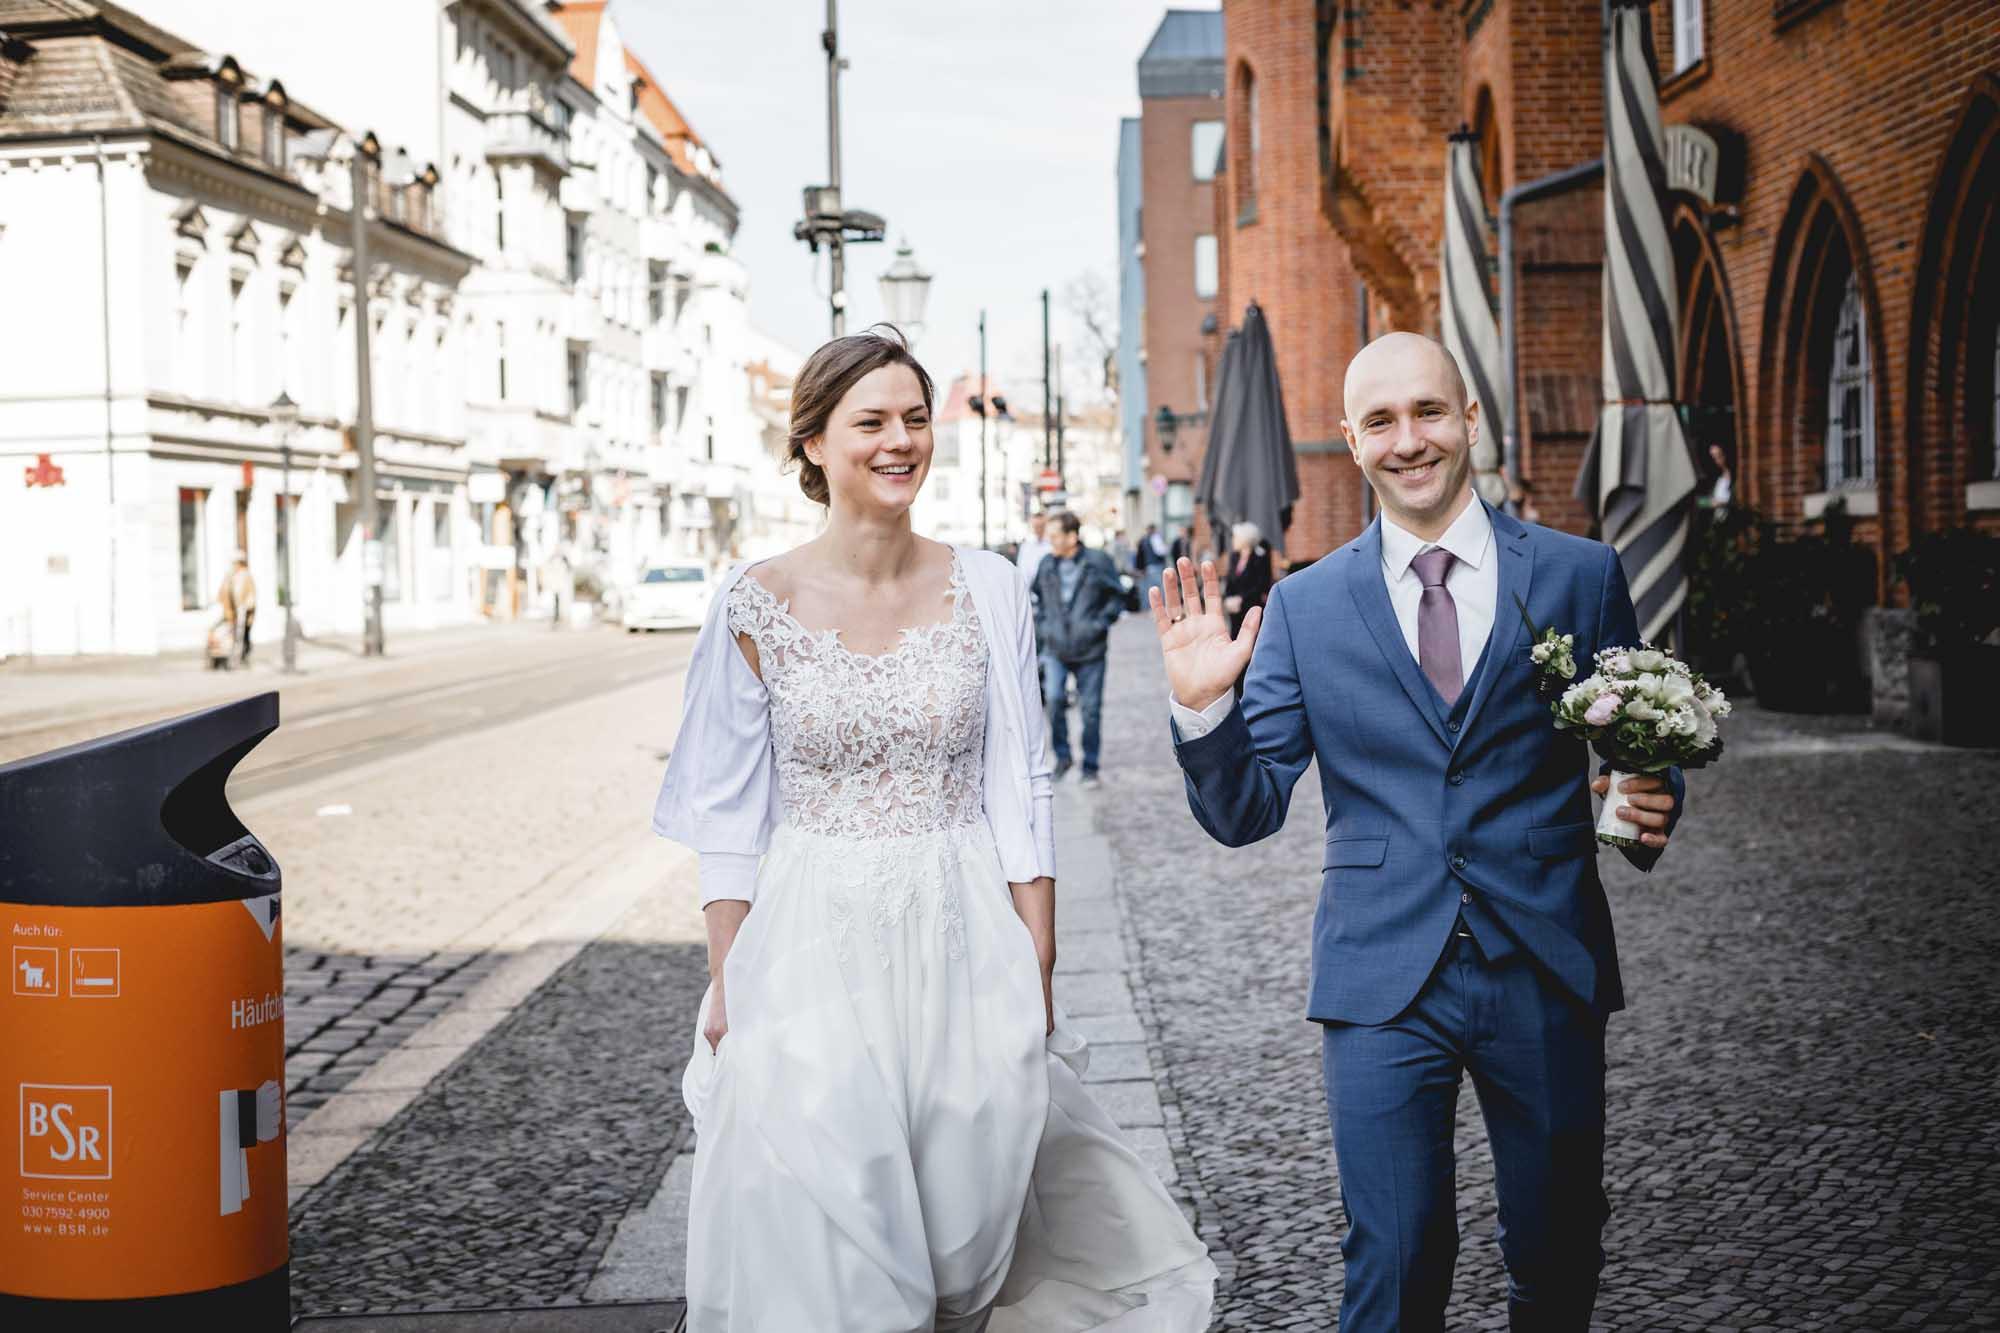 Fotograf Köpenick Hochzeit Berlin Christina und Roy